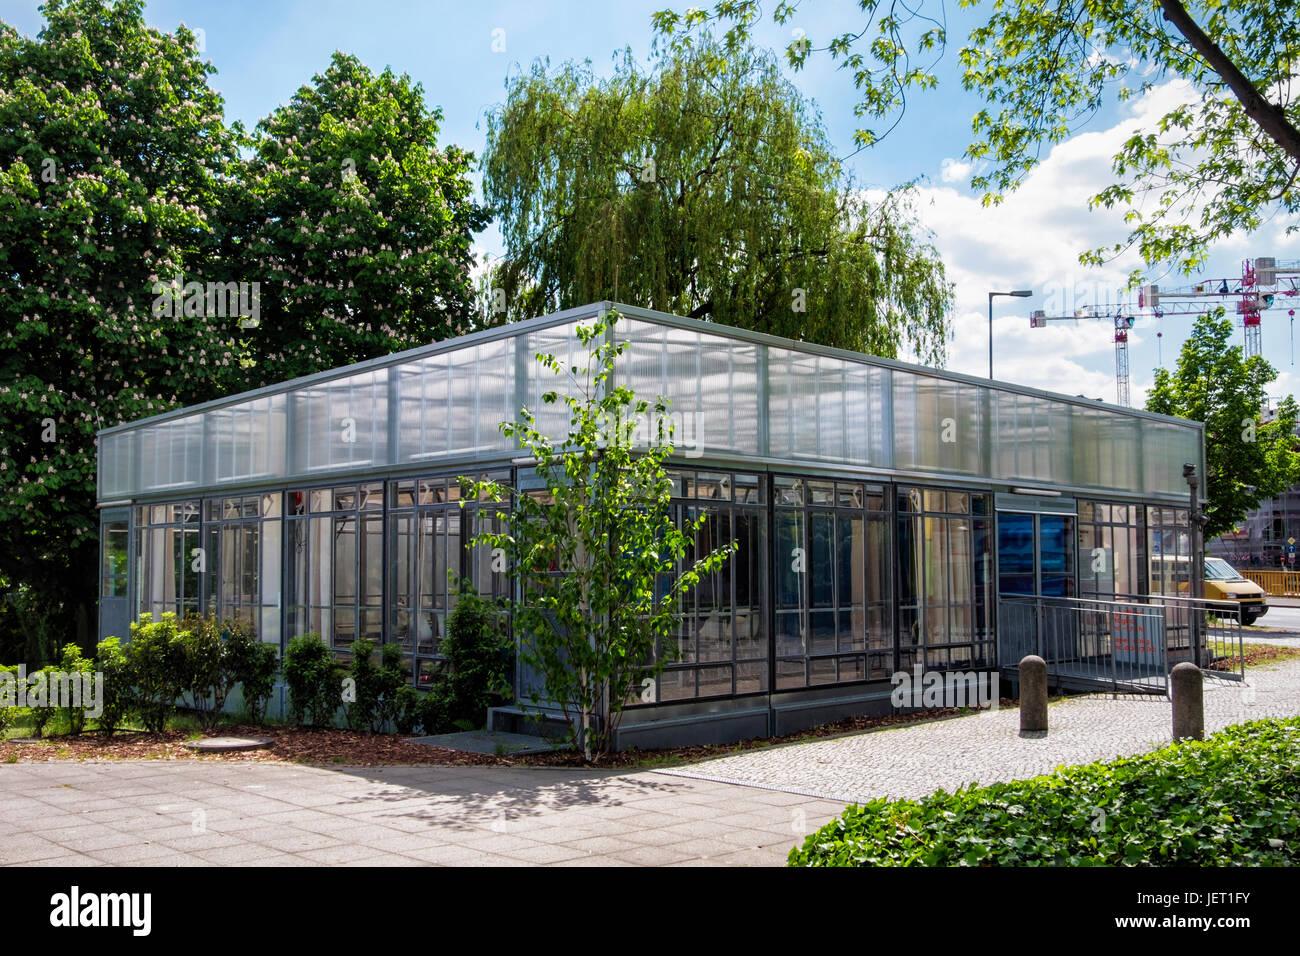 Was Ist Ein Bauhaus bauhaus wieder verwendung ist ein temporäre veranstaltungen pavillon